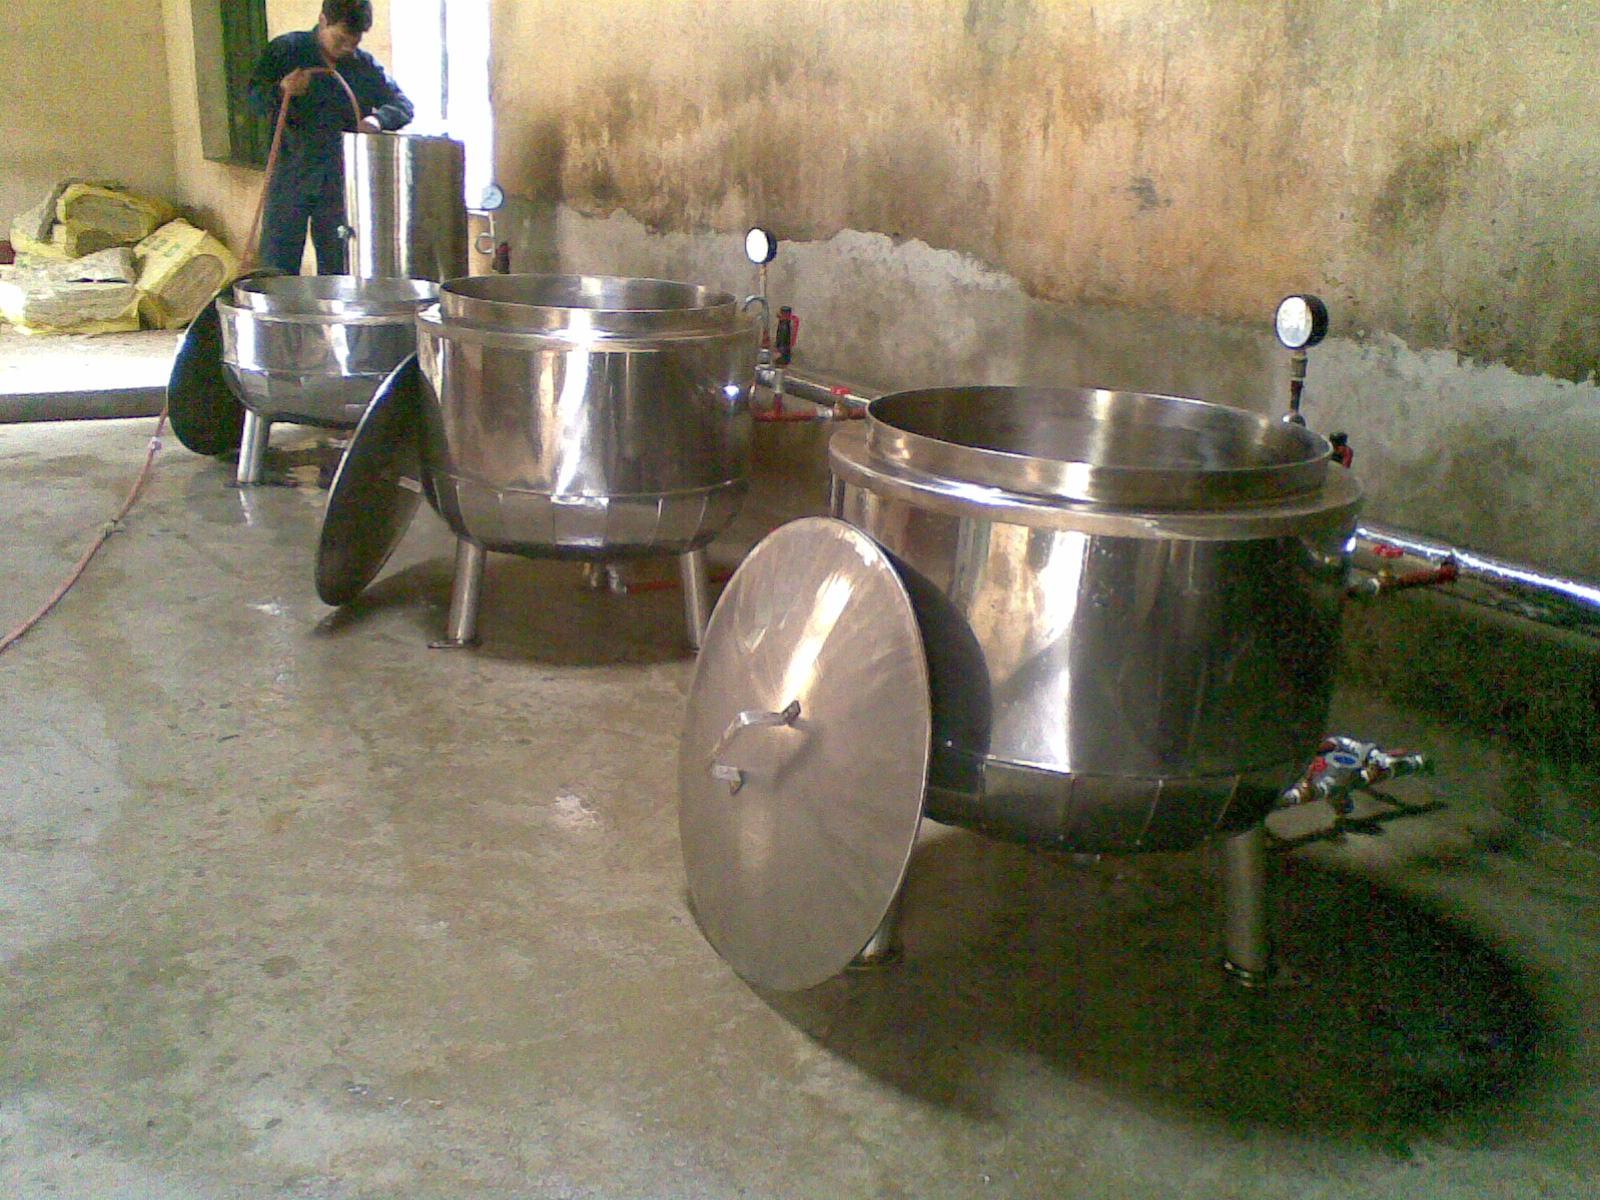 Nồi cơm công nghiệp - Tủ nấu cơm